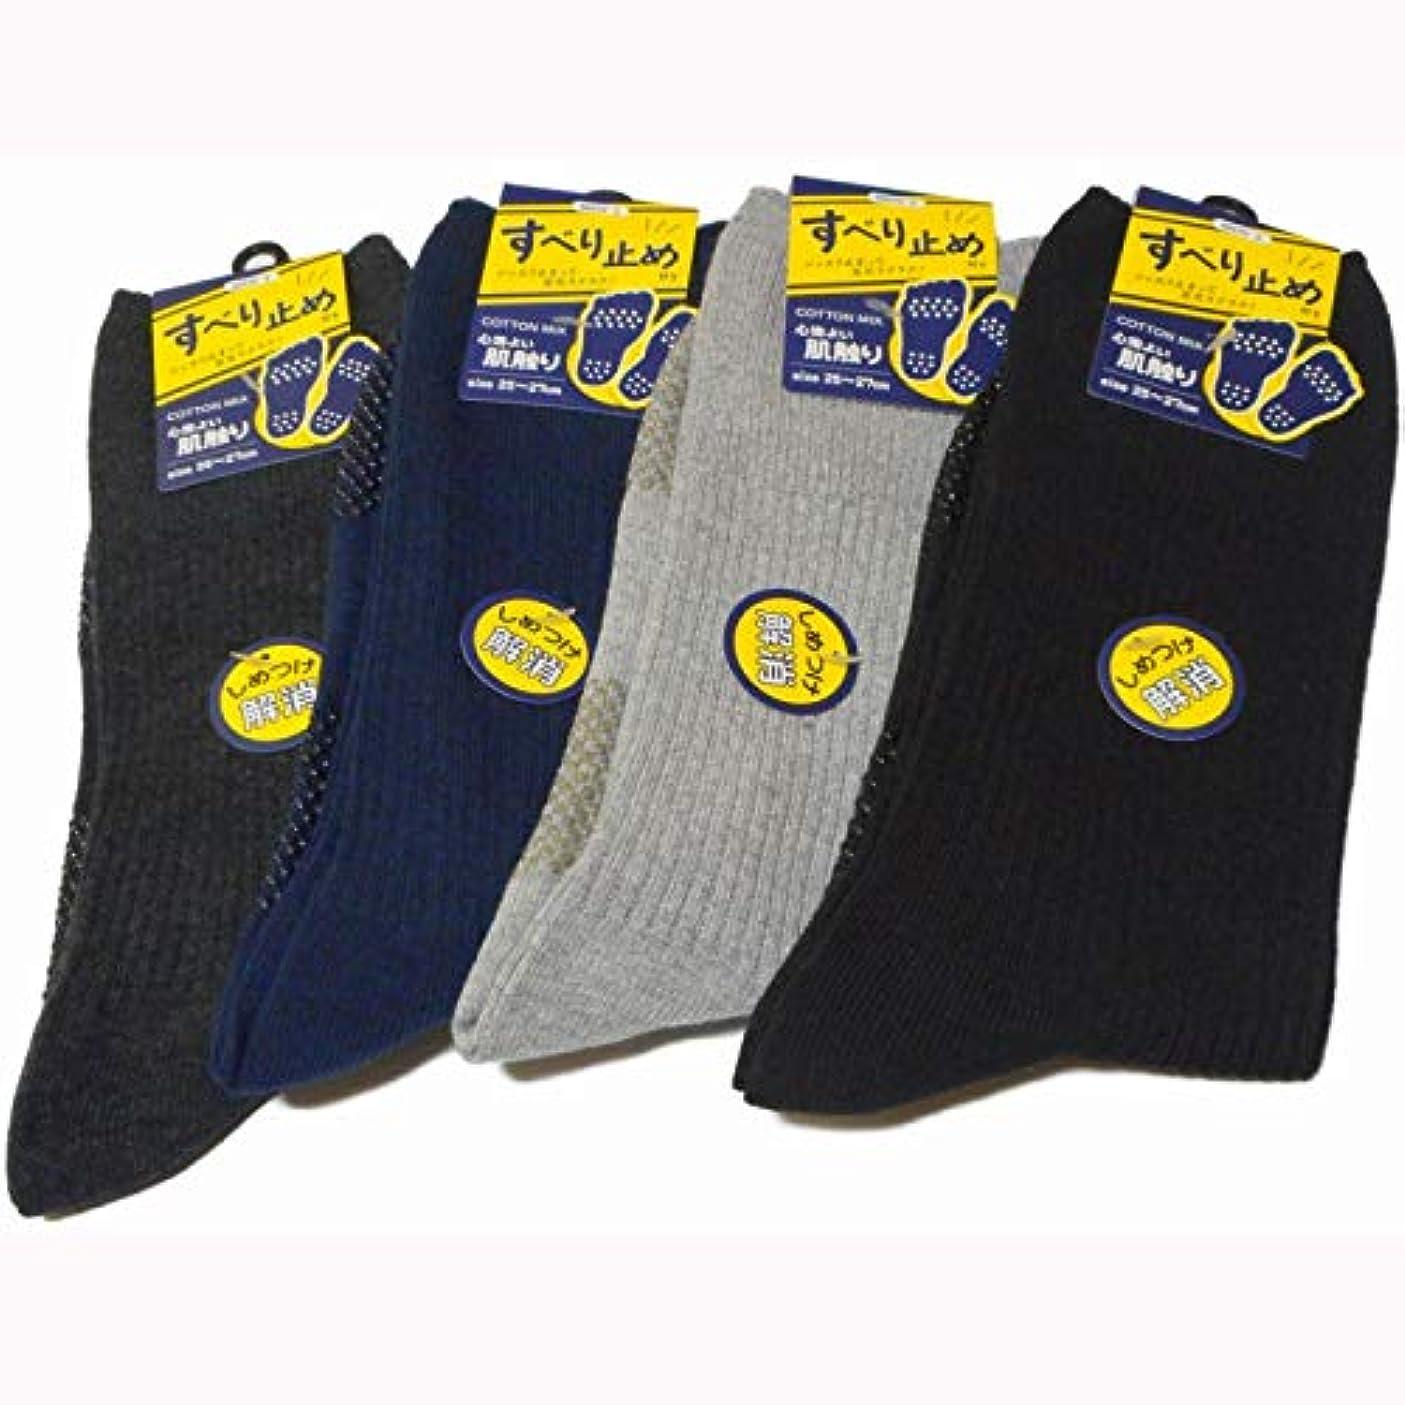 オーストラリア人事成熟靴下 メンズ ビジネスソックス 綿混 クチゴムゆったり 無地 滑り止め付 25-27cm 4足組 (色はお任せ)